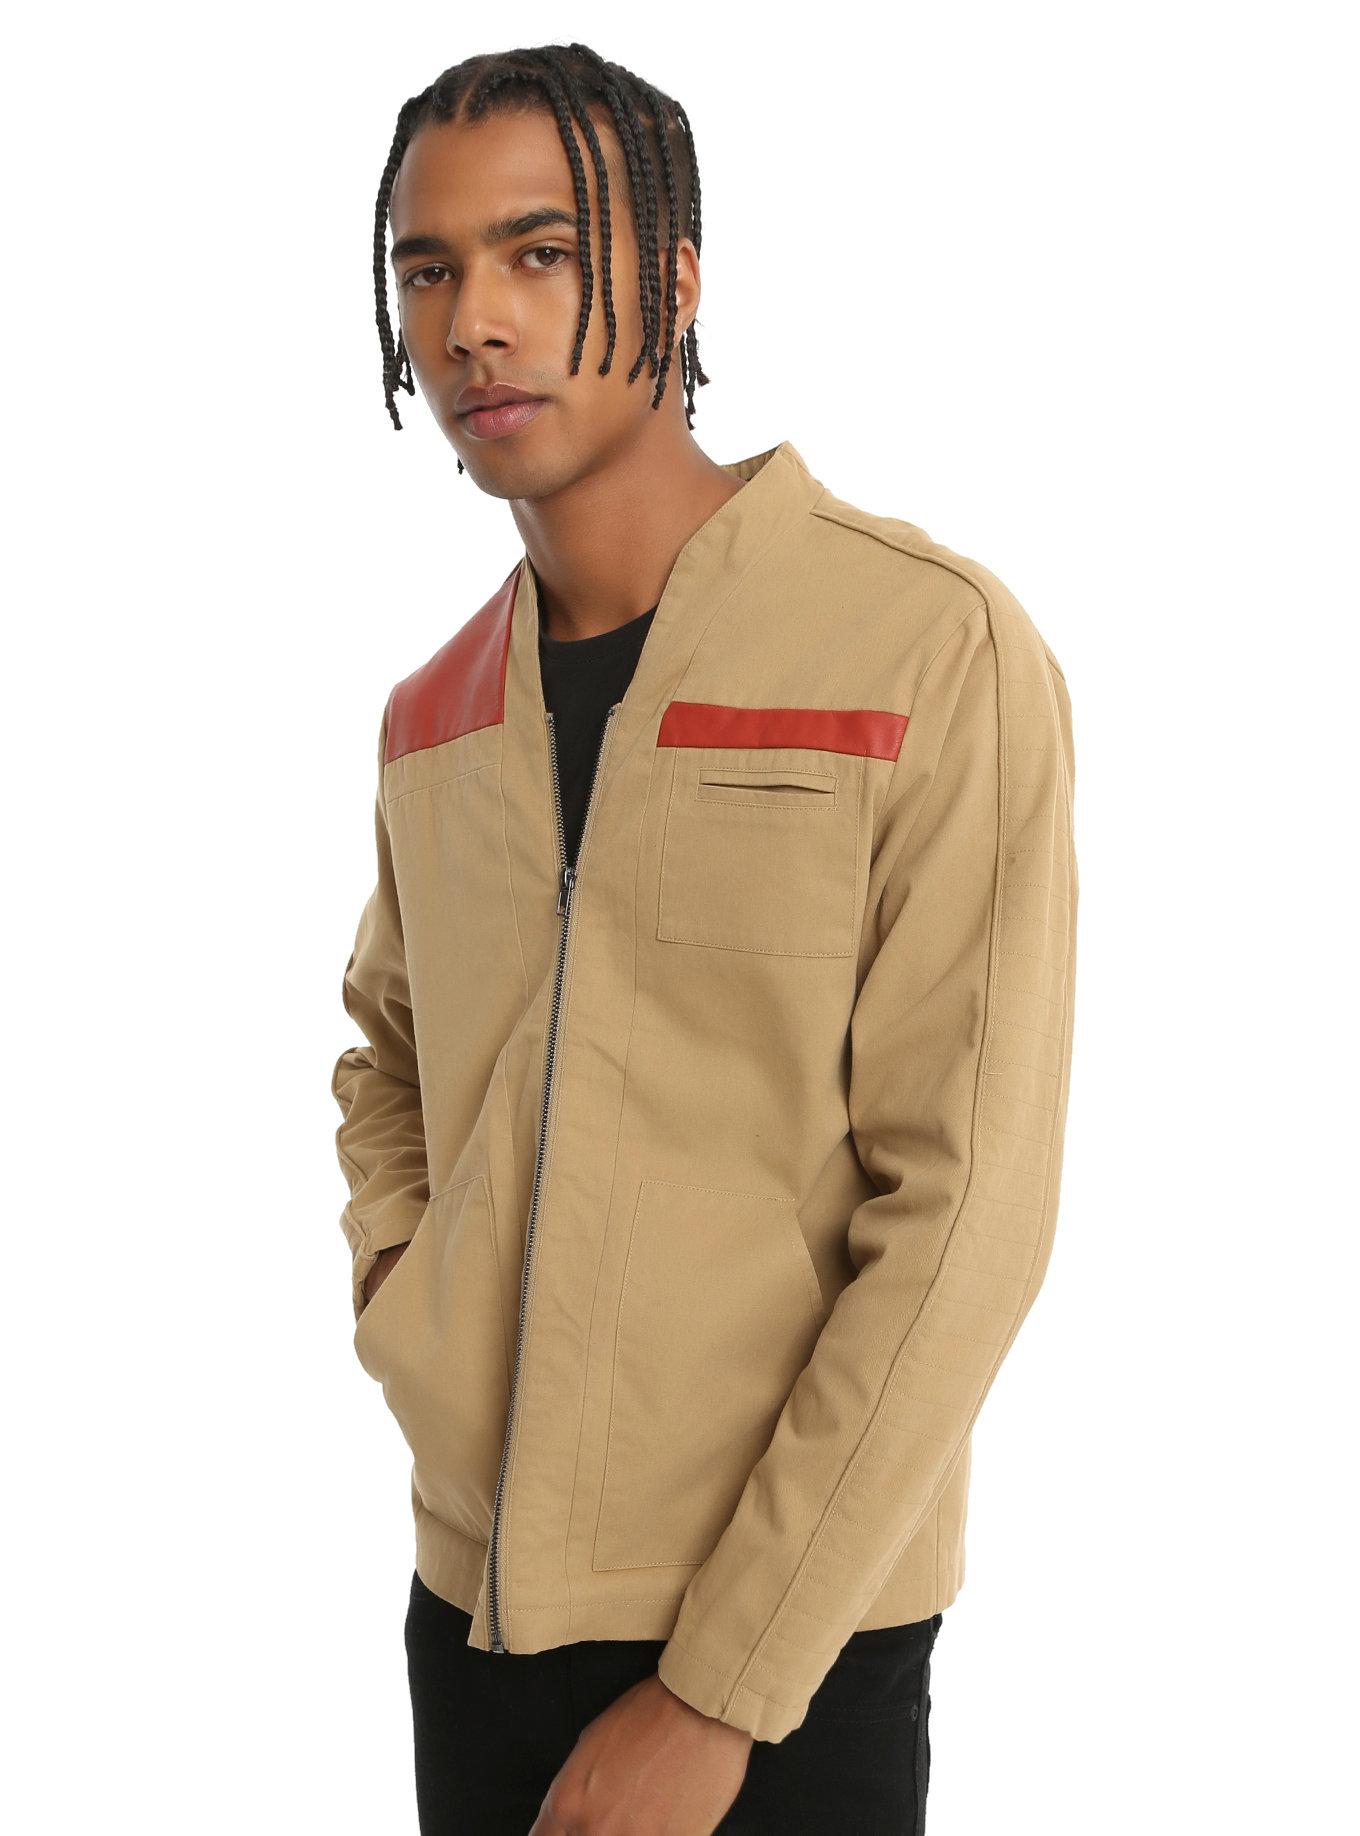 finn-jacket.jpeg